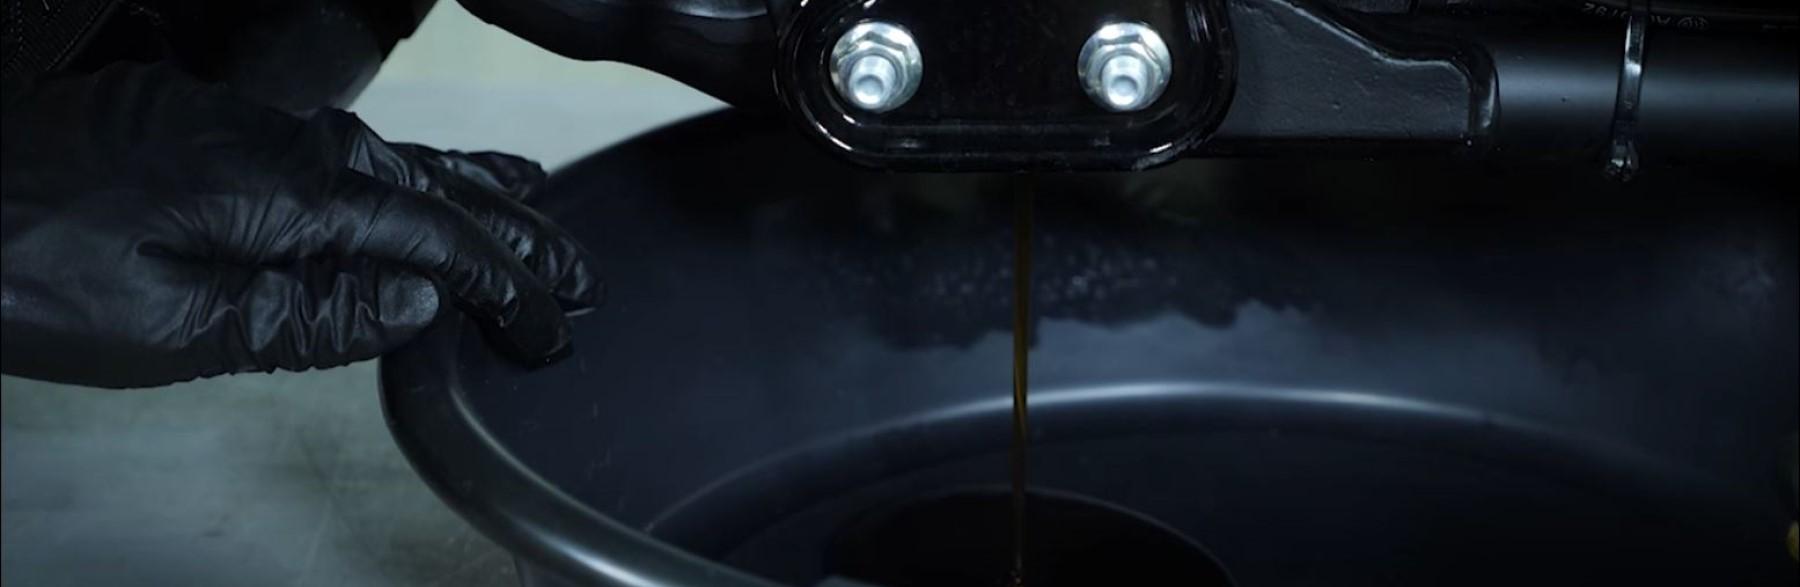 Harley Oil Change